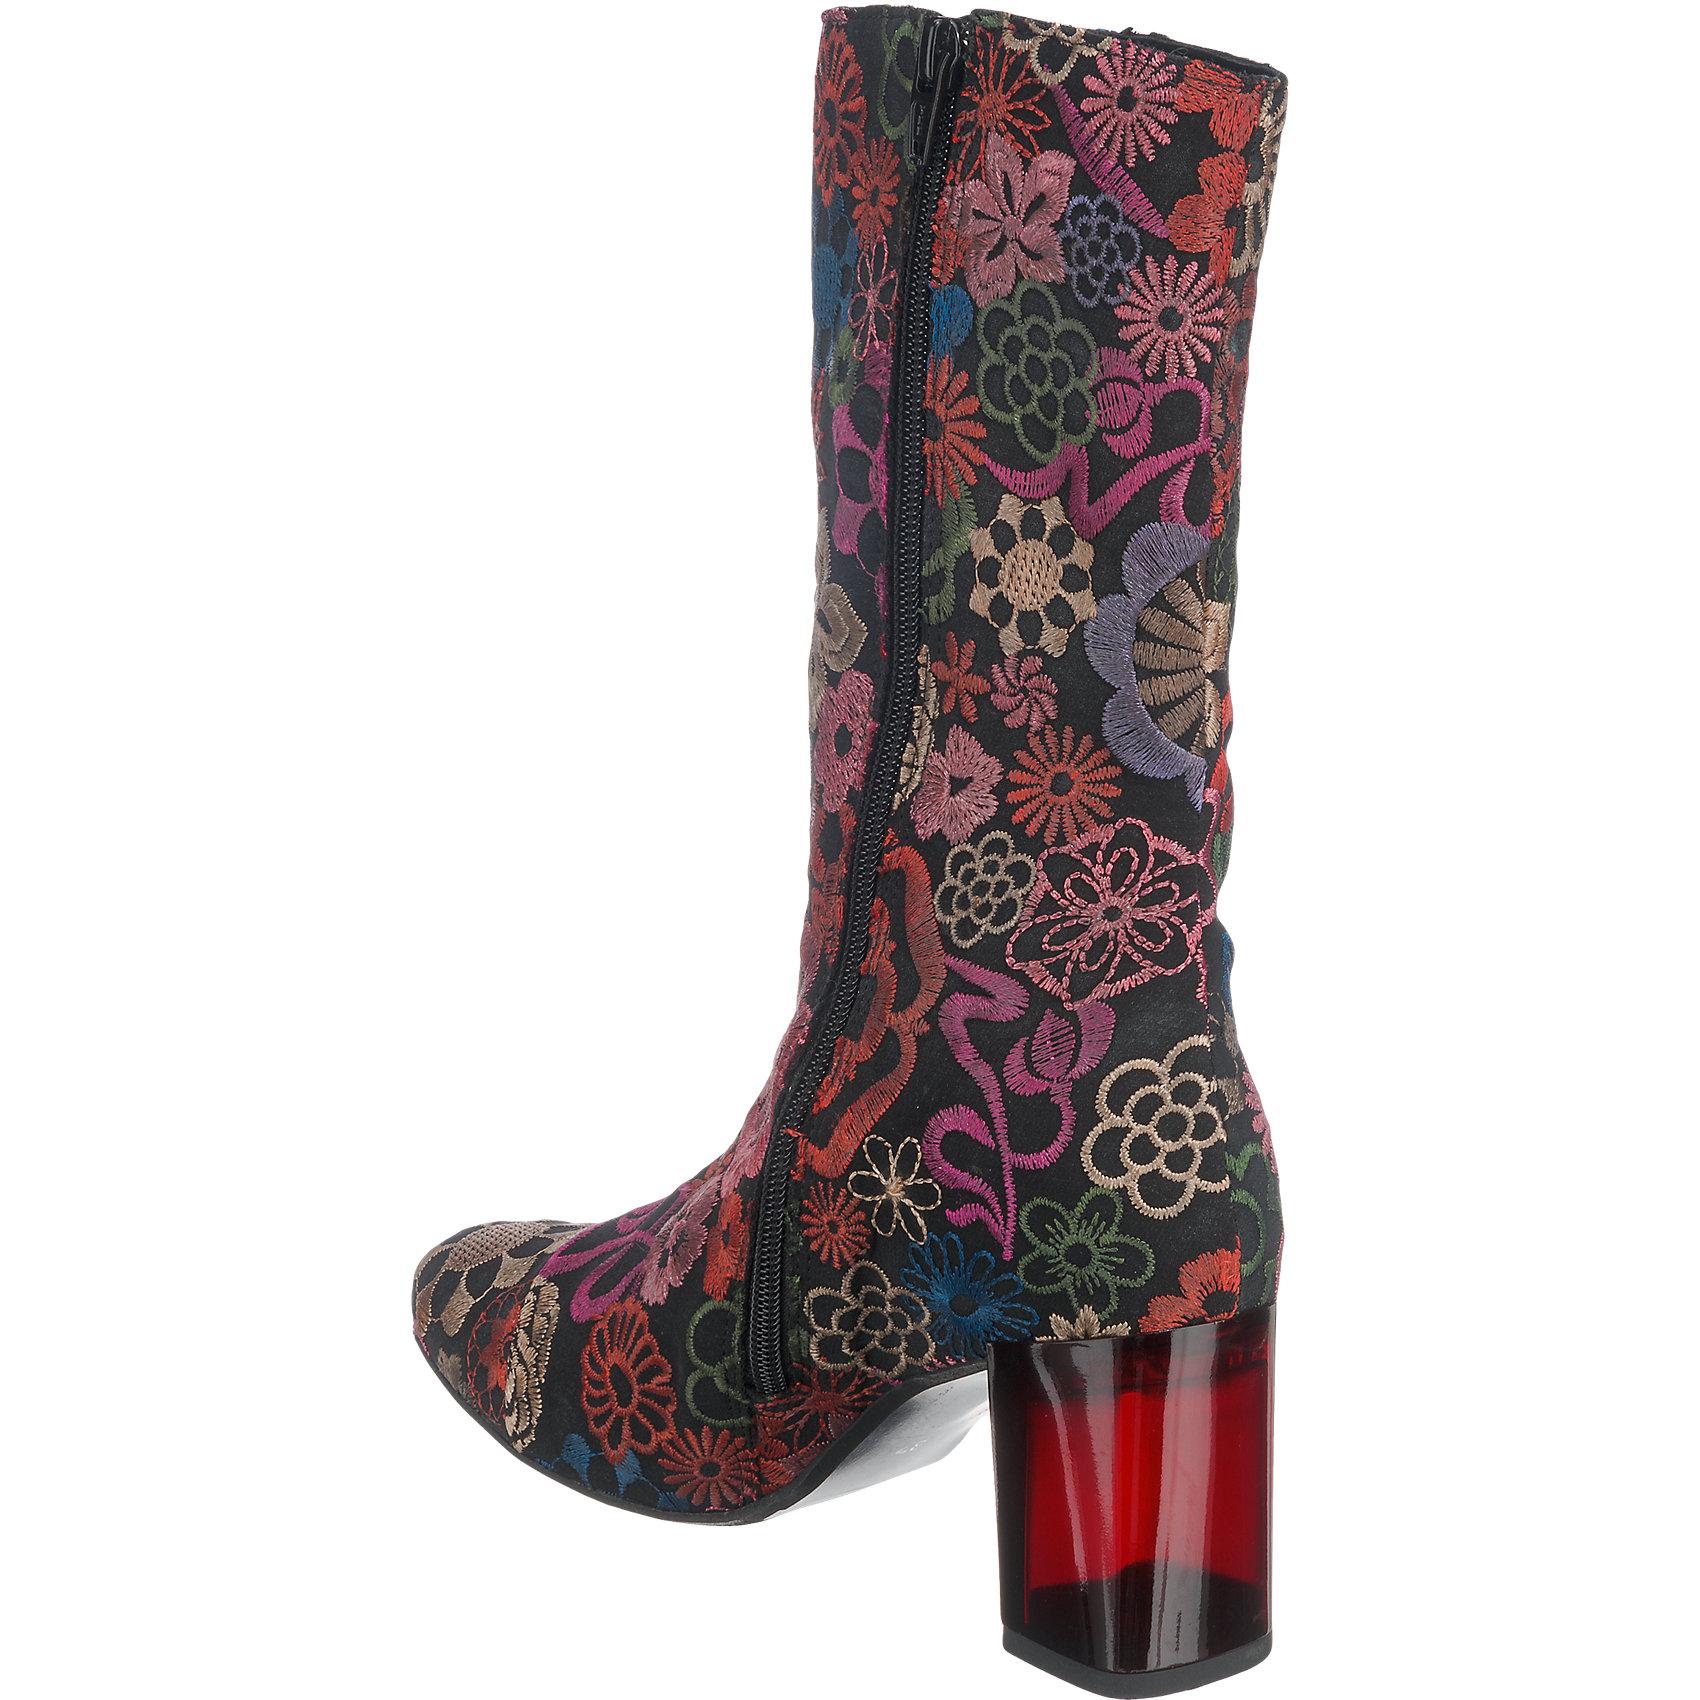 Neu TAPODTS Hera Stiefel 5779936 für mehrfarbig Damen mehrfarbig für 40abd6